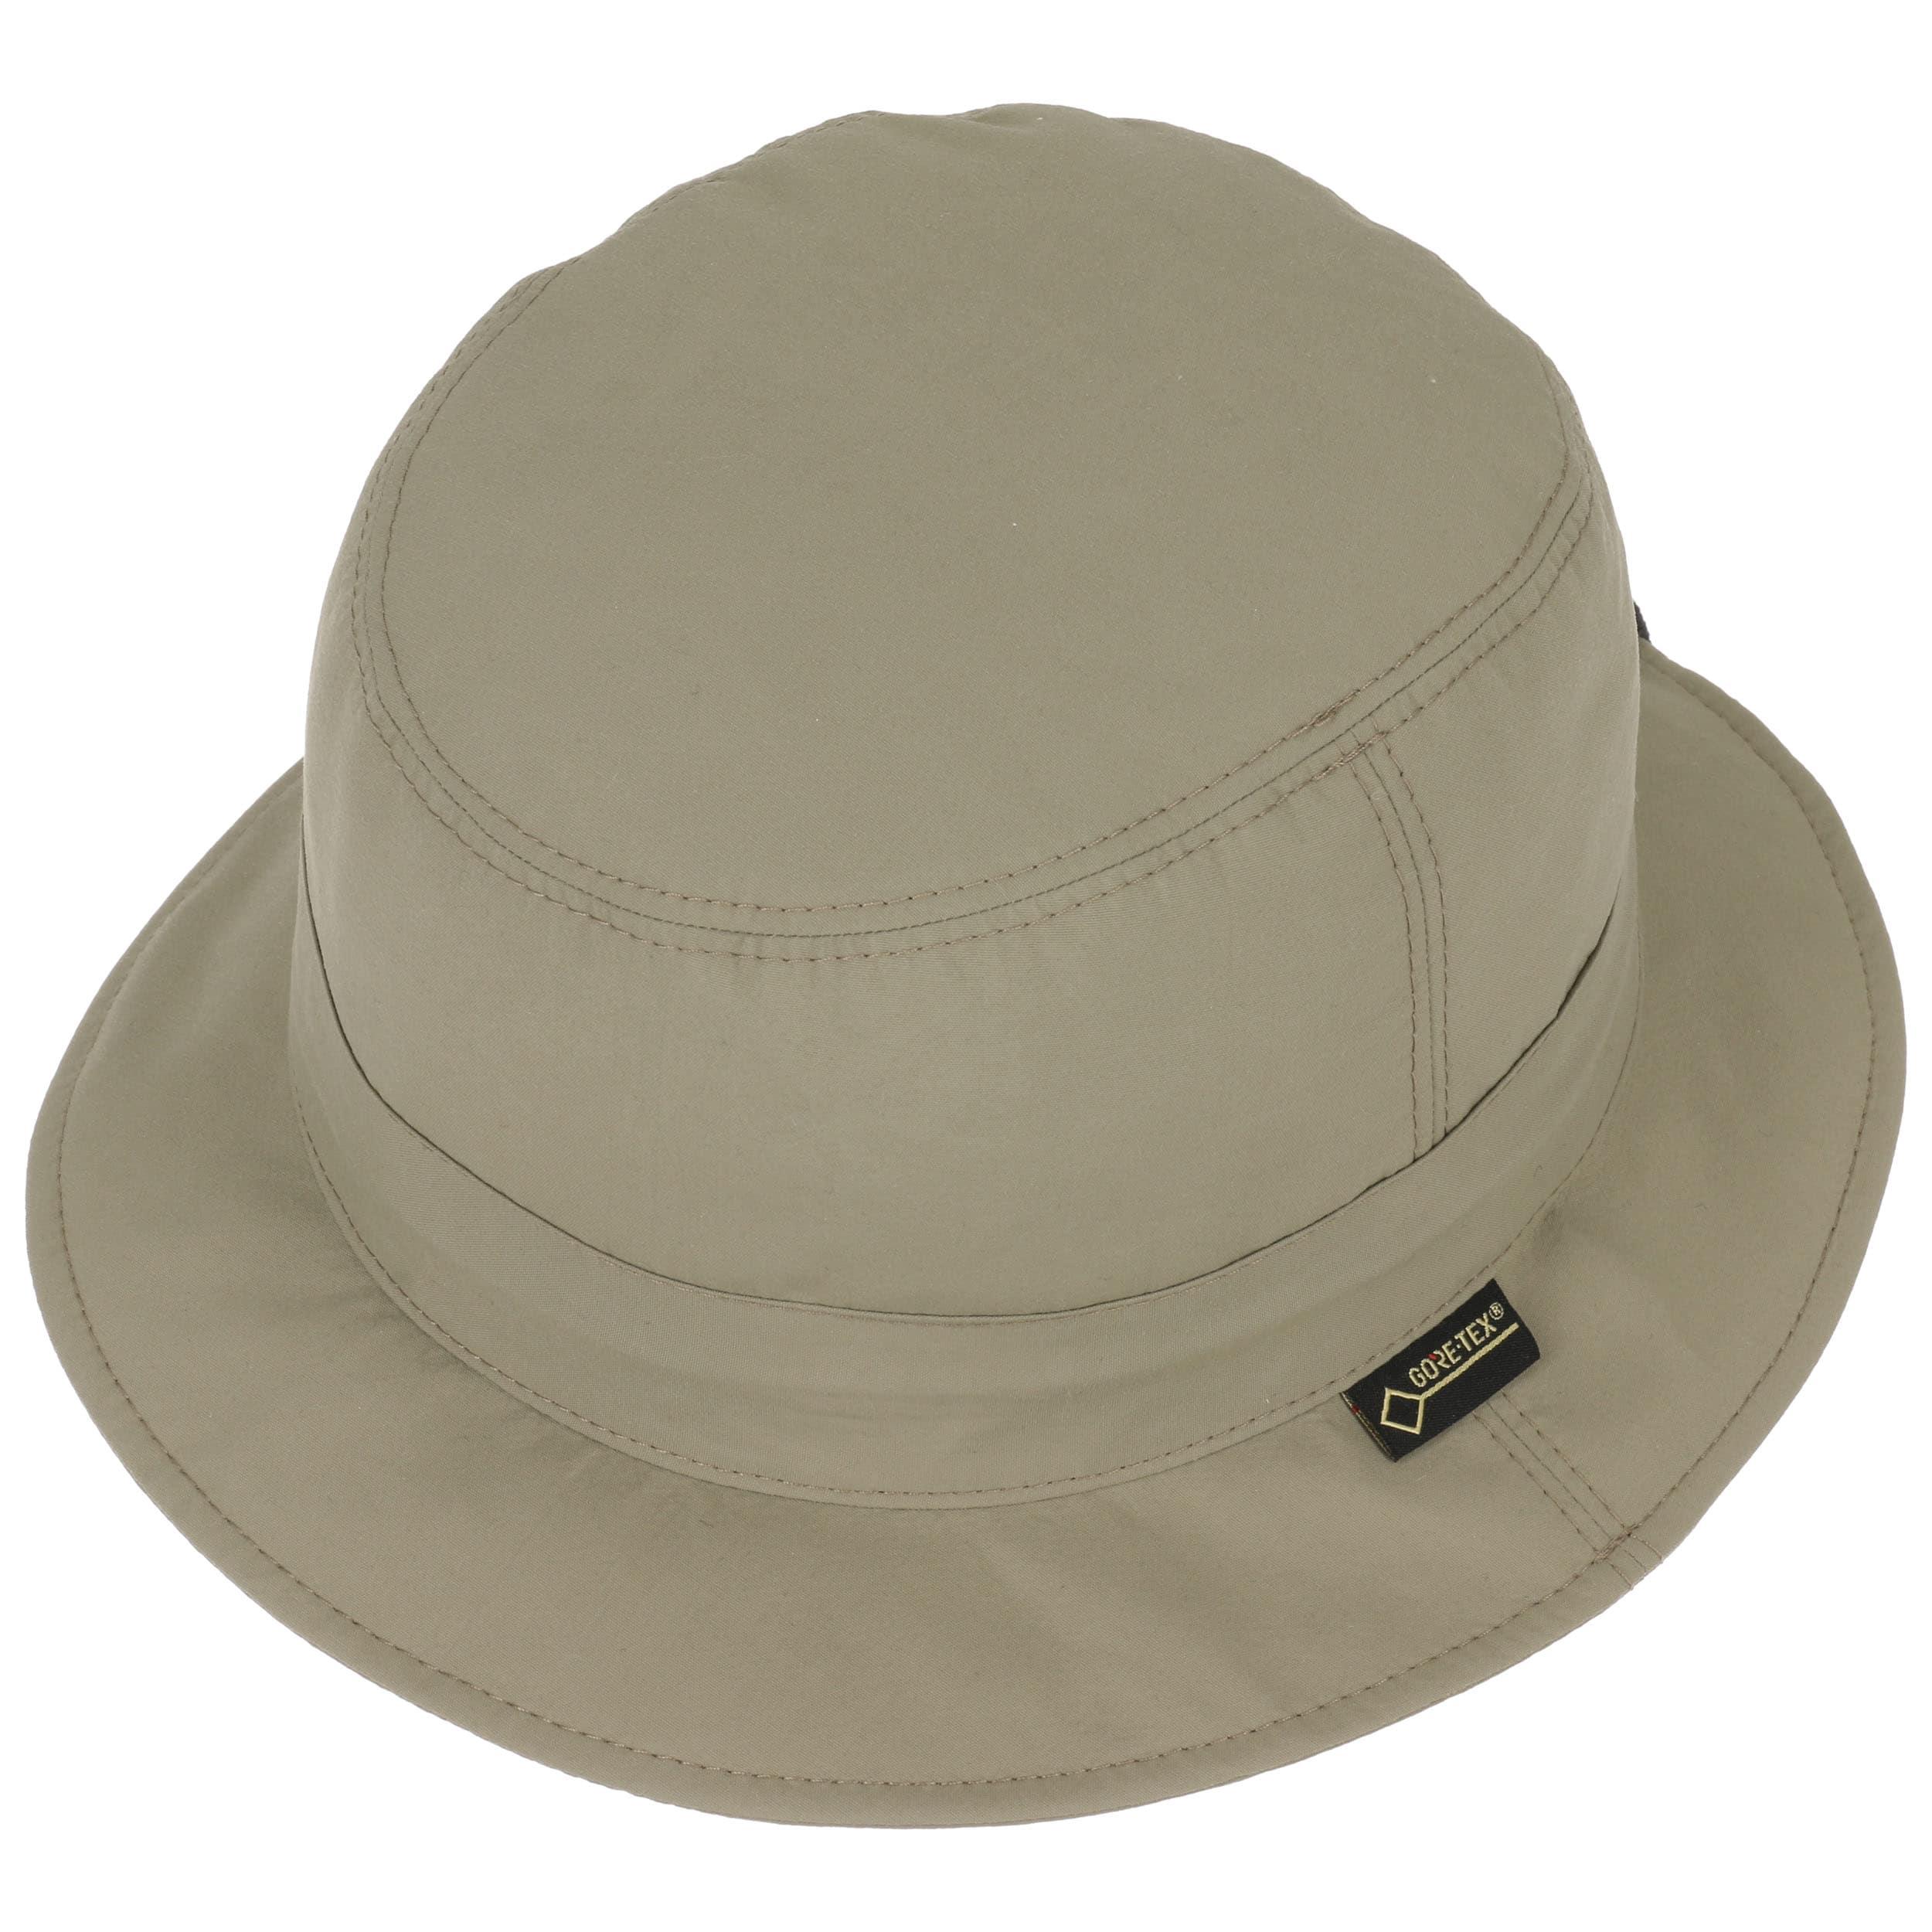 acquista per il meglio completo nelle specifiche miglior valore Cappello Gore-Tex Antipioggia by Lierys